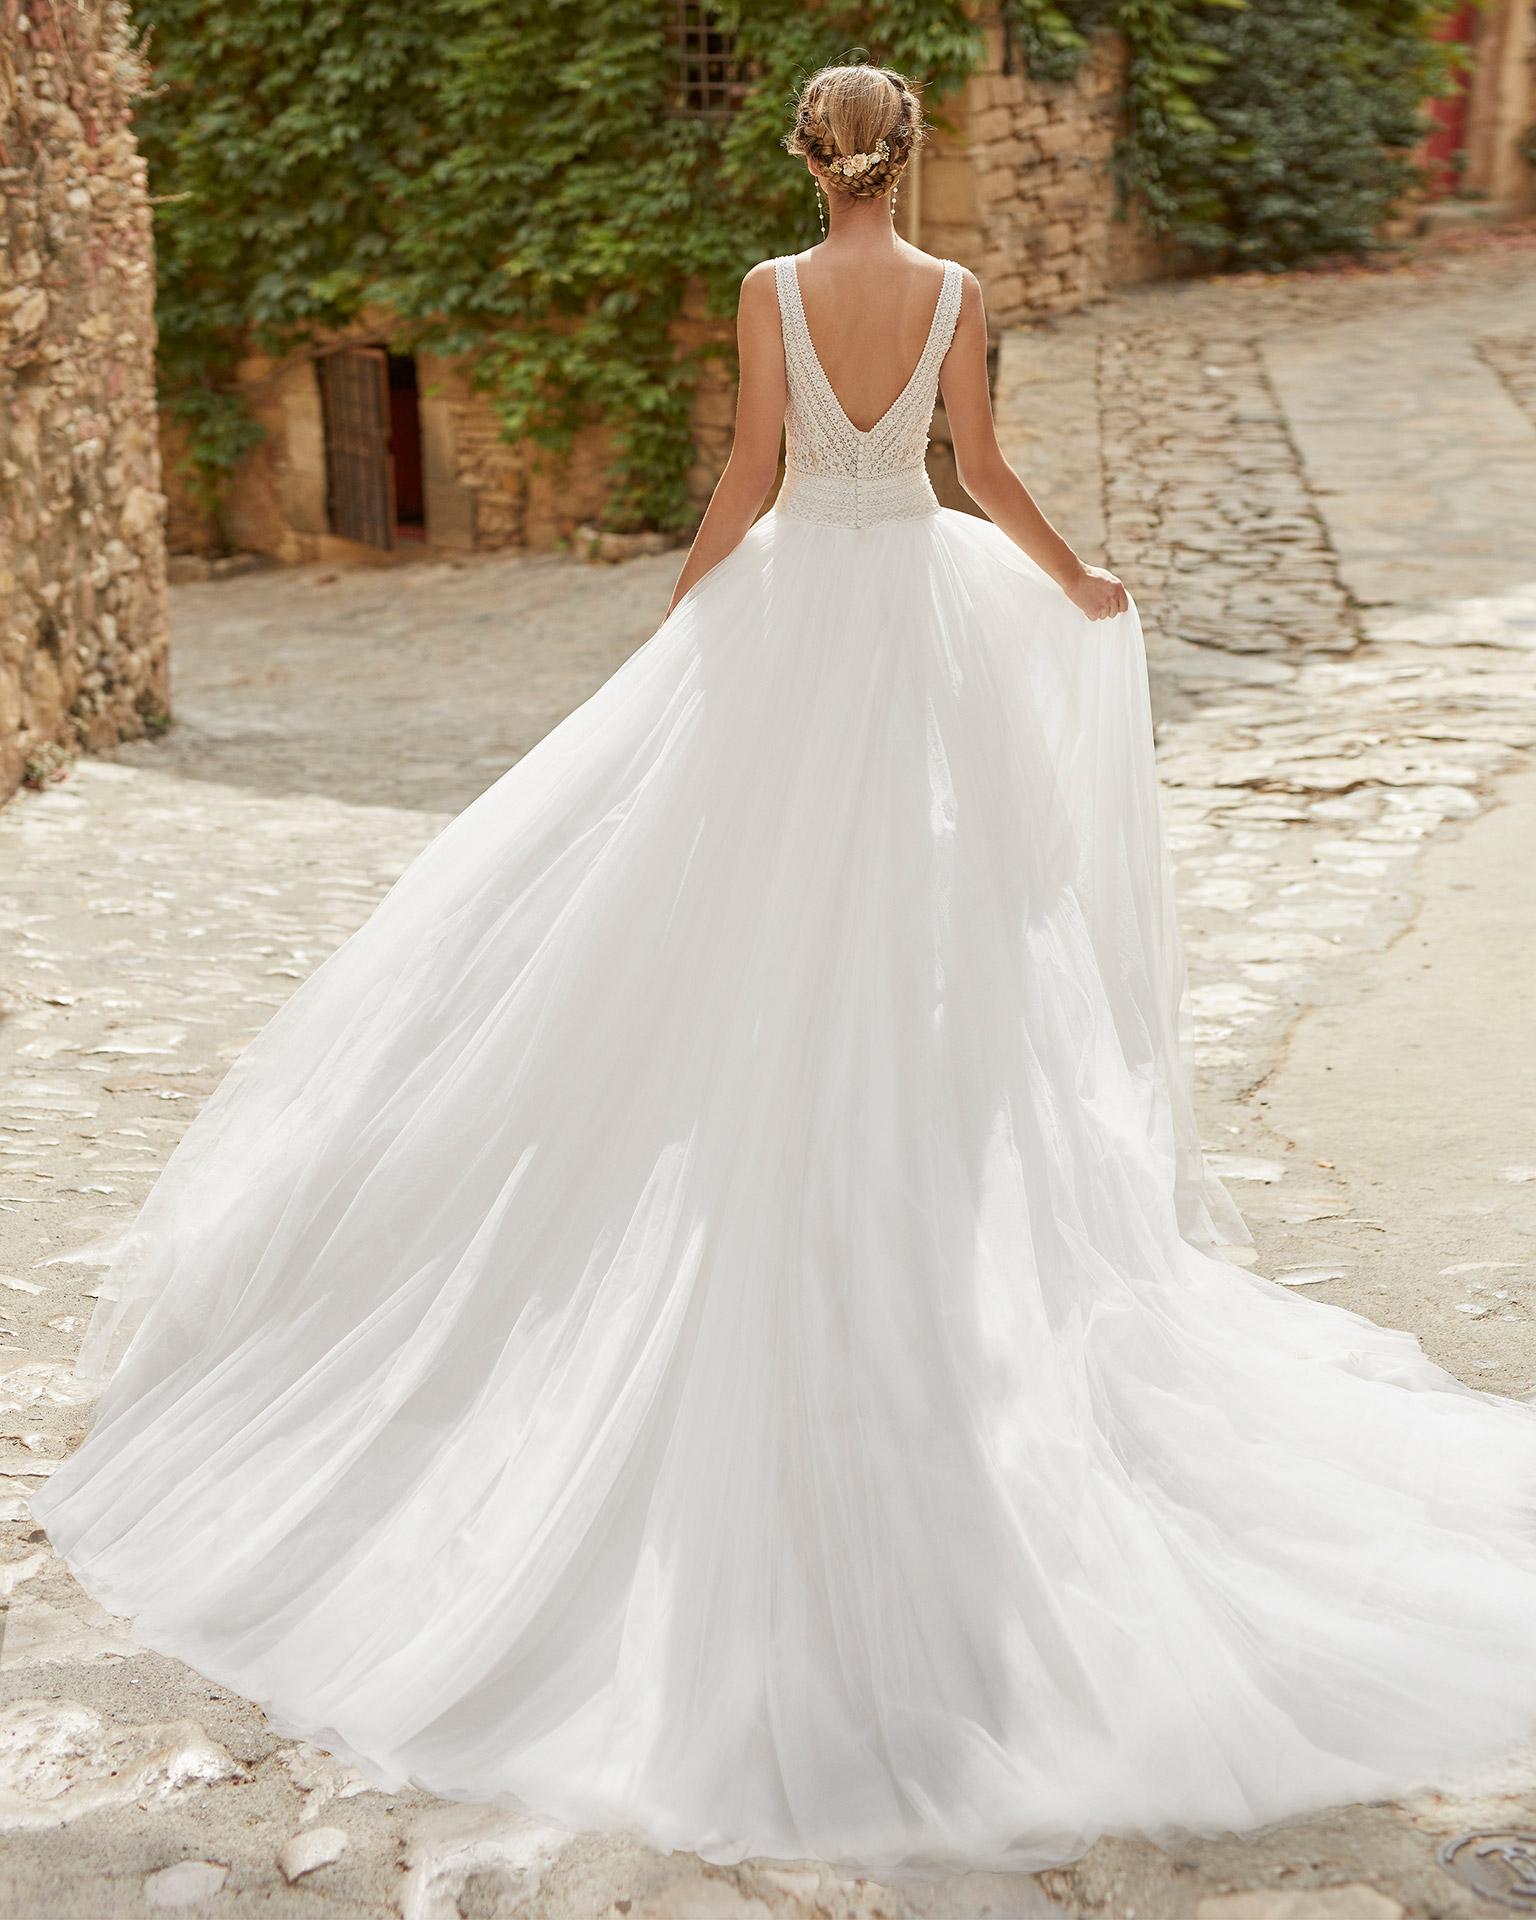 Vestido de novia delicado de corte princesa, con cuerpo de encaje con pedrería; Escote en V y espalda abierta. Modelo Alma Novia hecho en tul plumeti. Colección ALMANOVIA 2022.